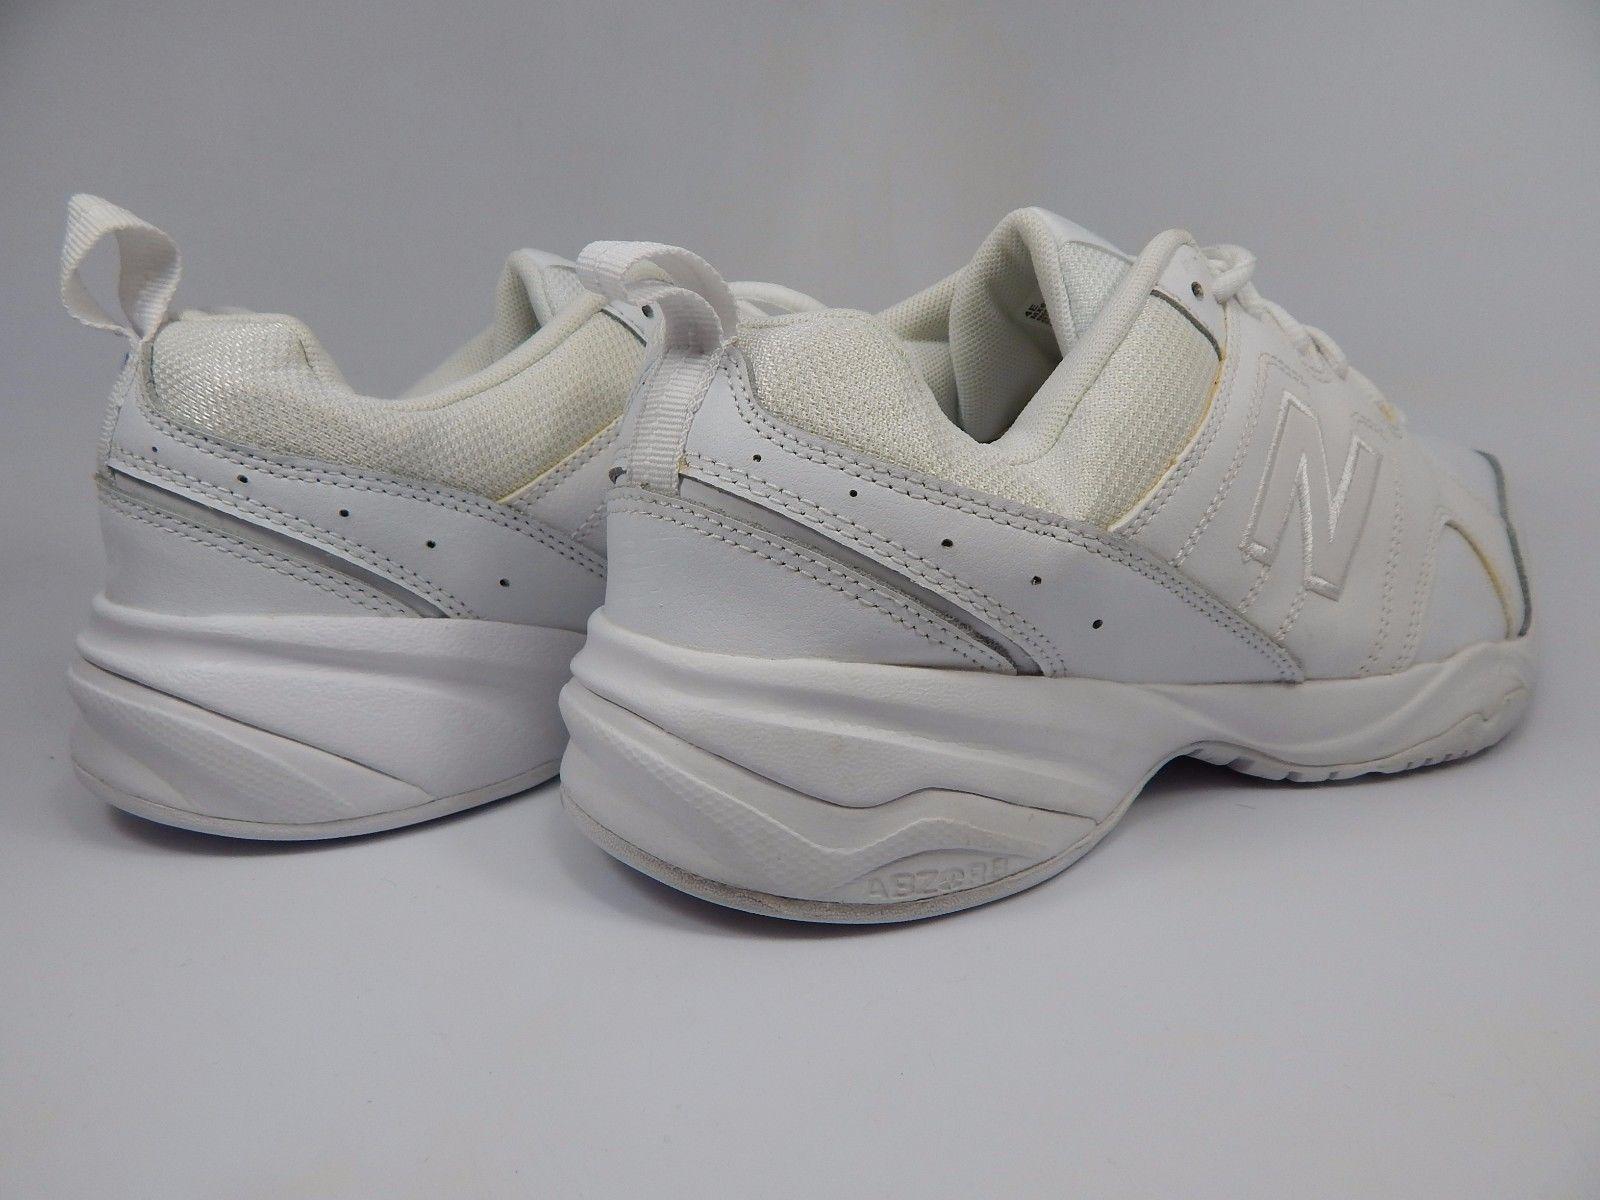 New Balance 609 v3 Men's Training Shoes Sz US 9 4E EXTRA WIDE EU: 42.5 MX609AZ3